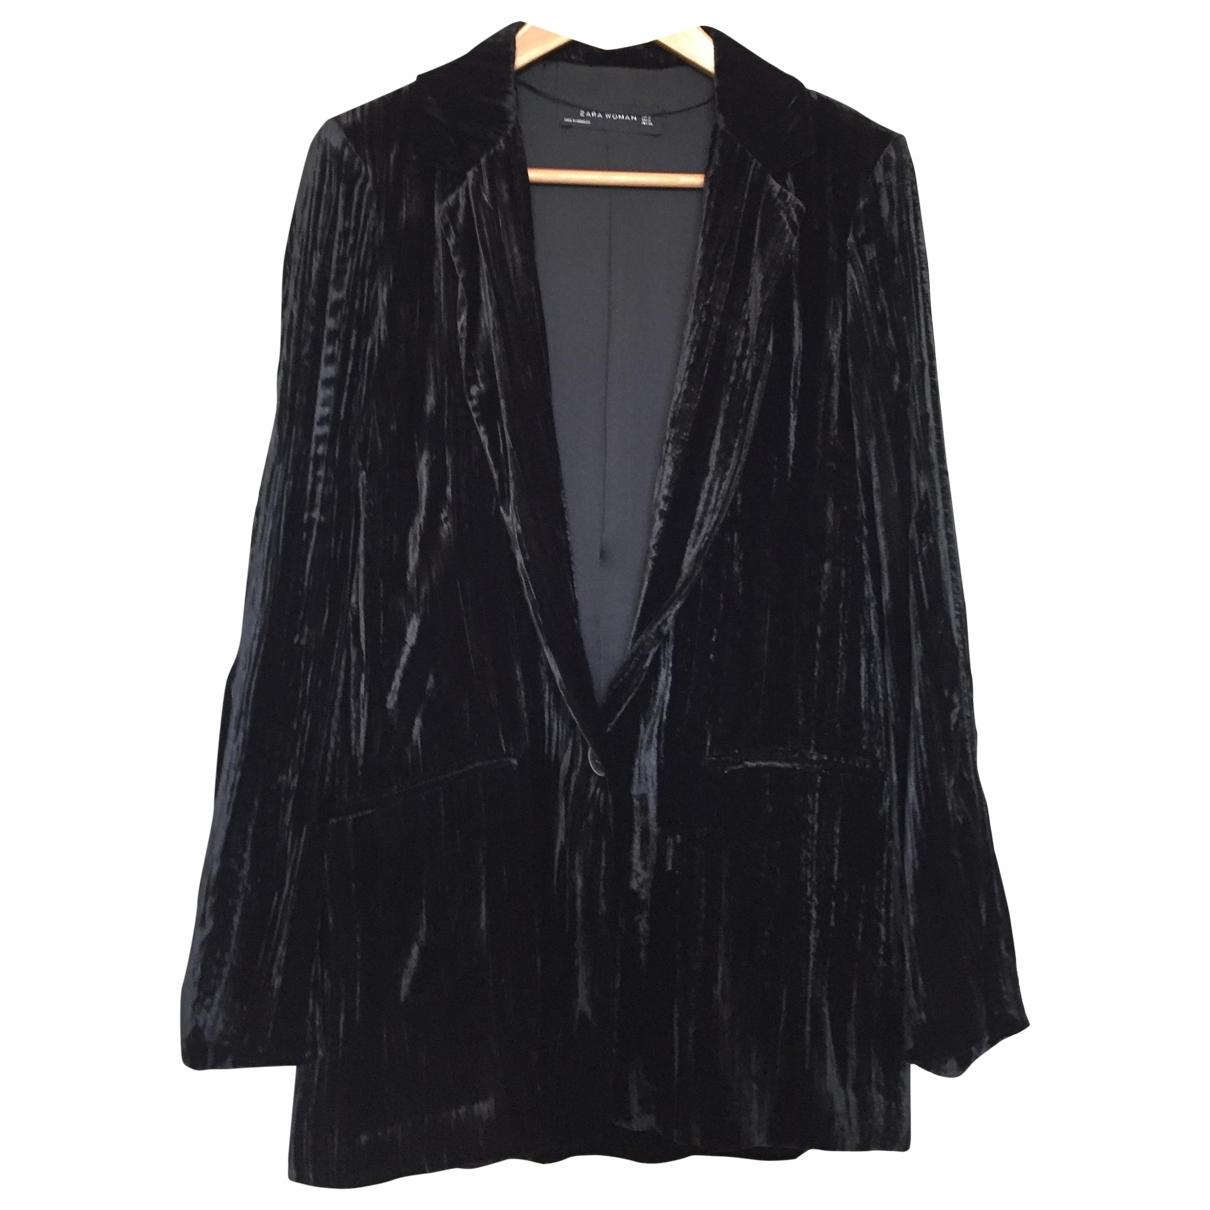 Zara \N Black Velvet jacket for Women S International